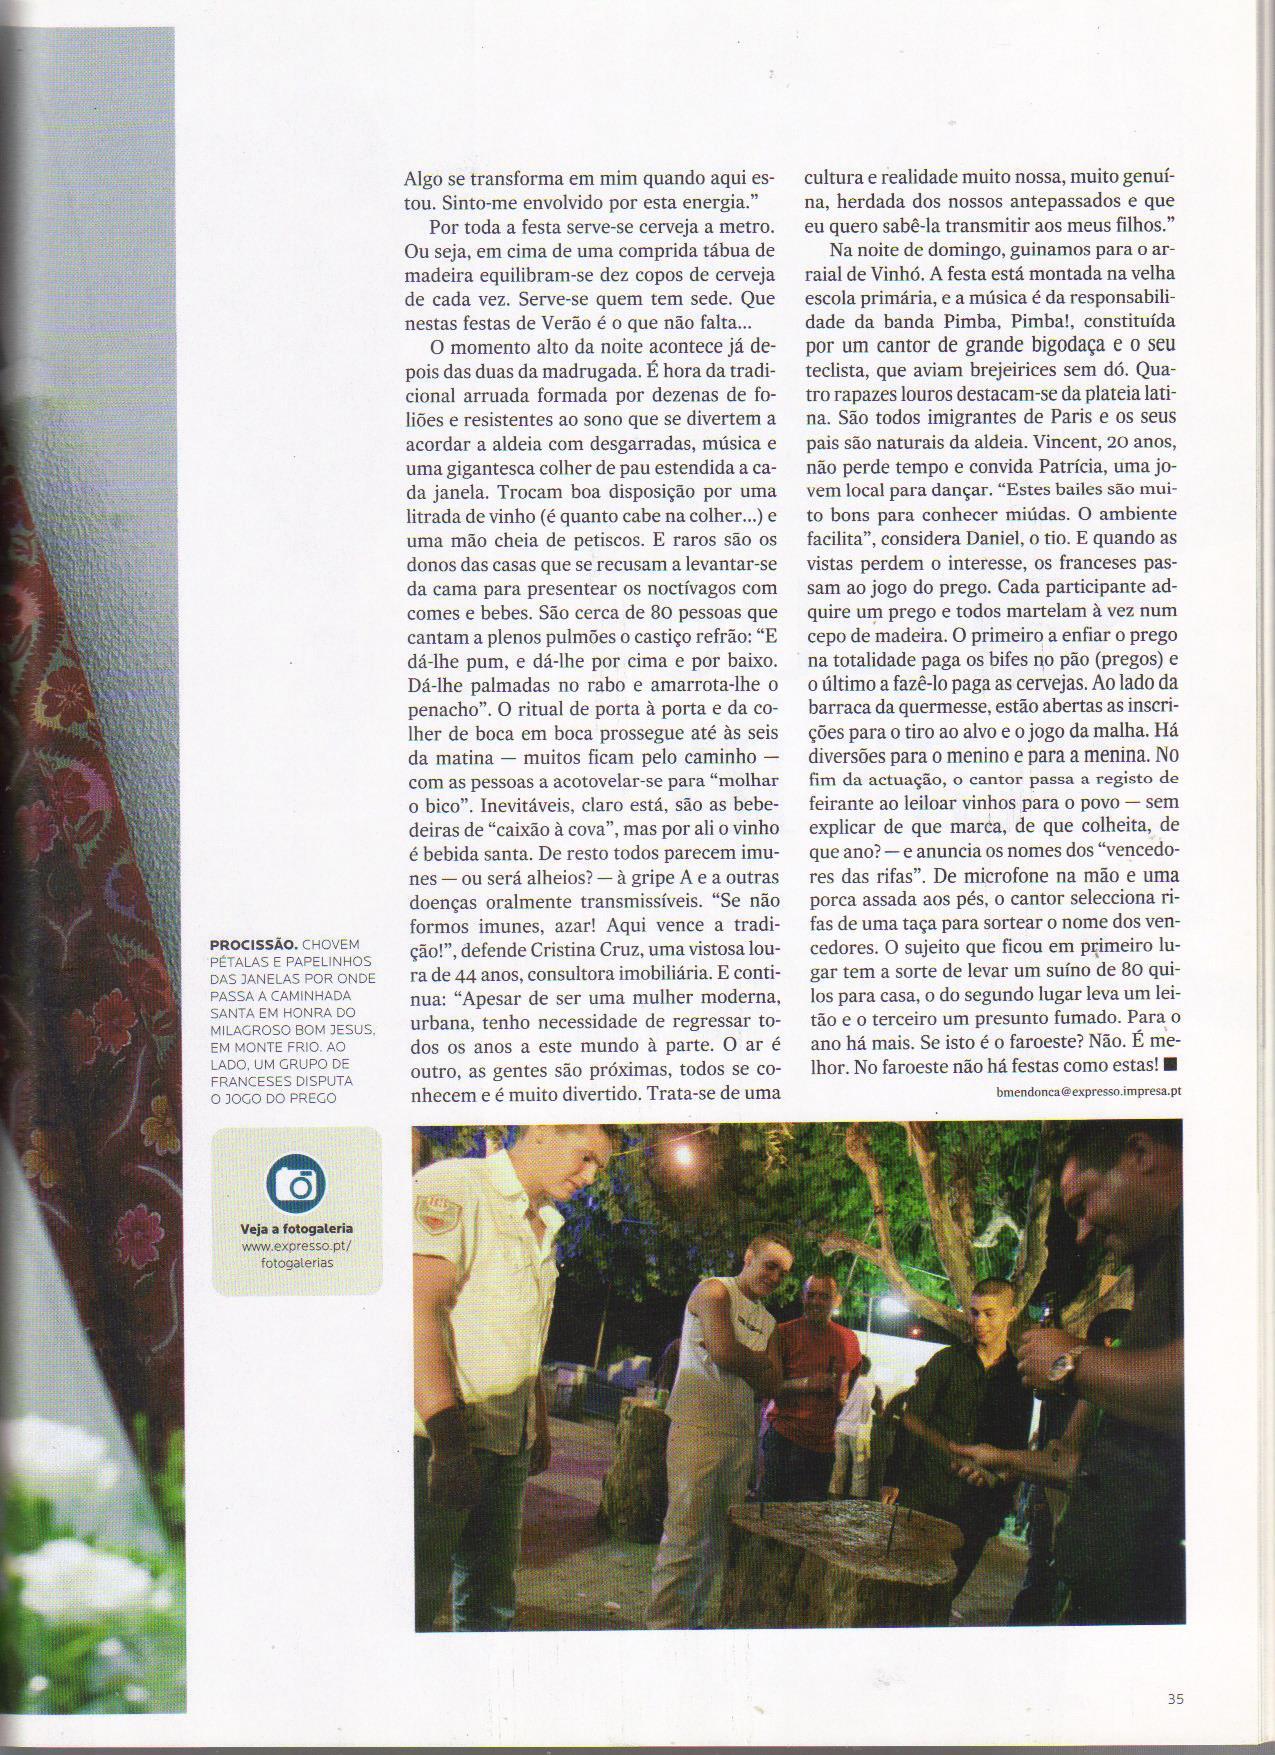 JORNAL EXPRESSO, 22 de Agosto de 2009 - N.º 1.921, Revista Única, pág. 35 - 'FESTA - ALDEIA - As saudades que eu já tinha...'